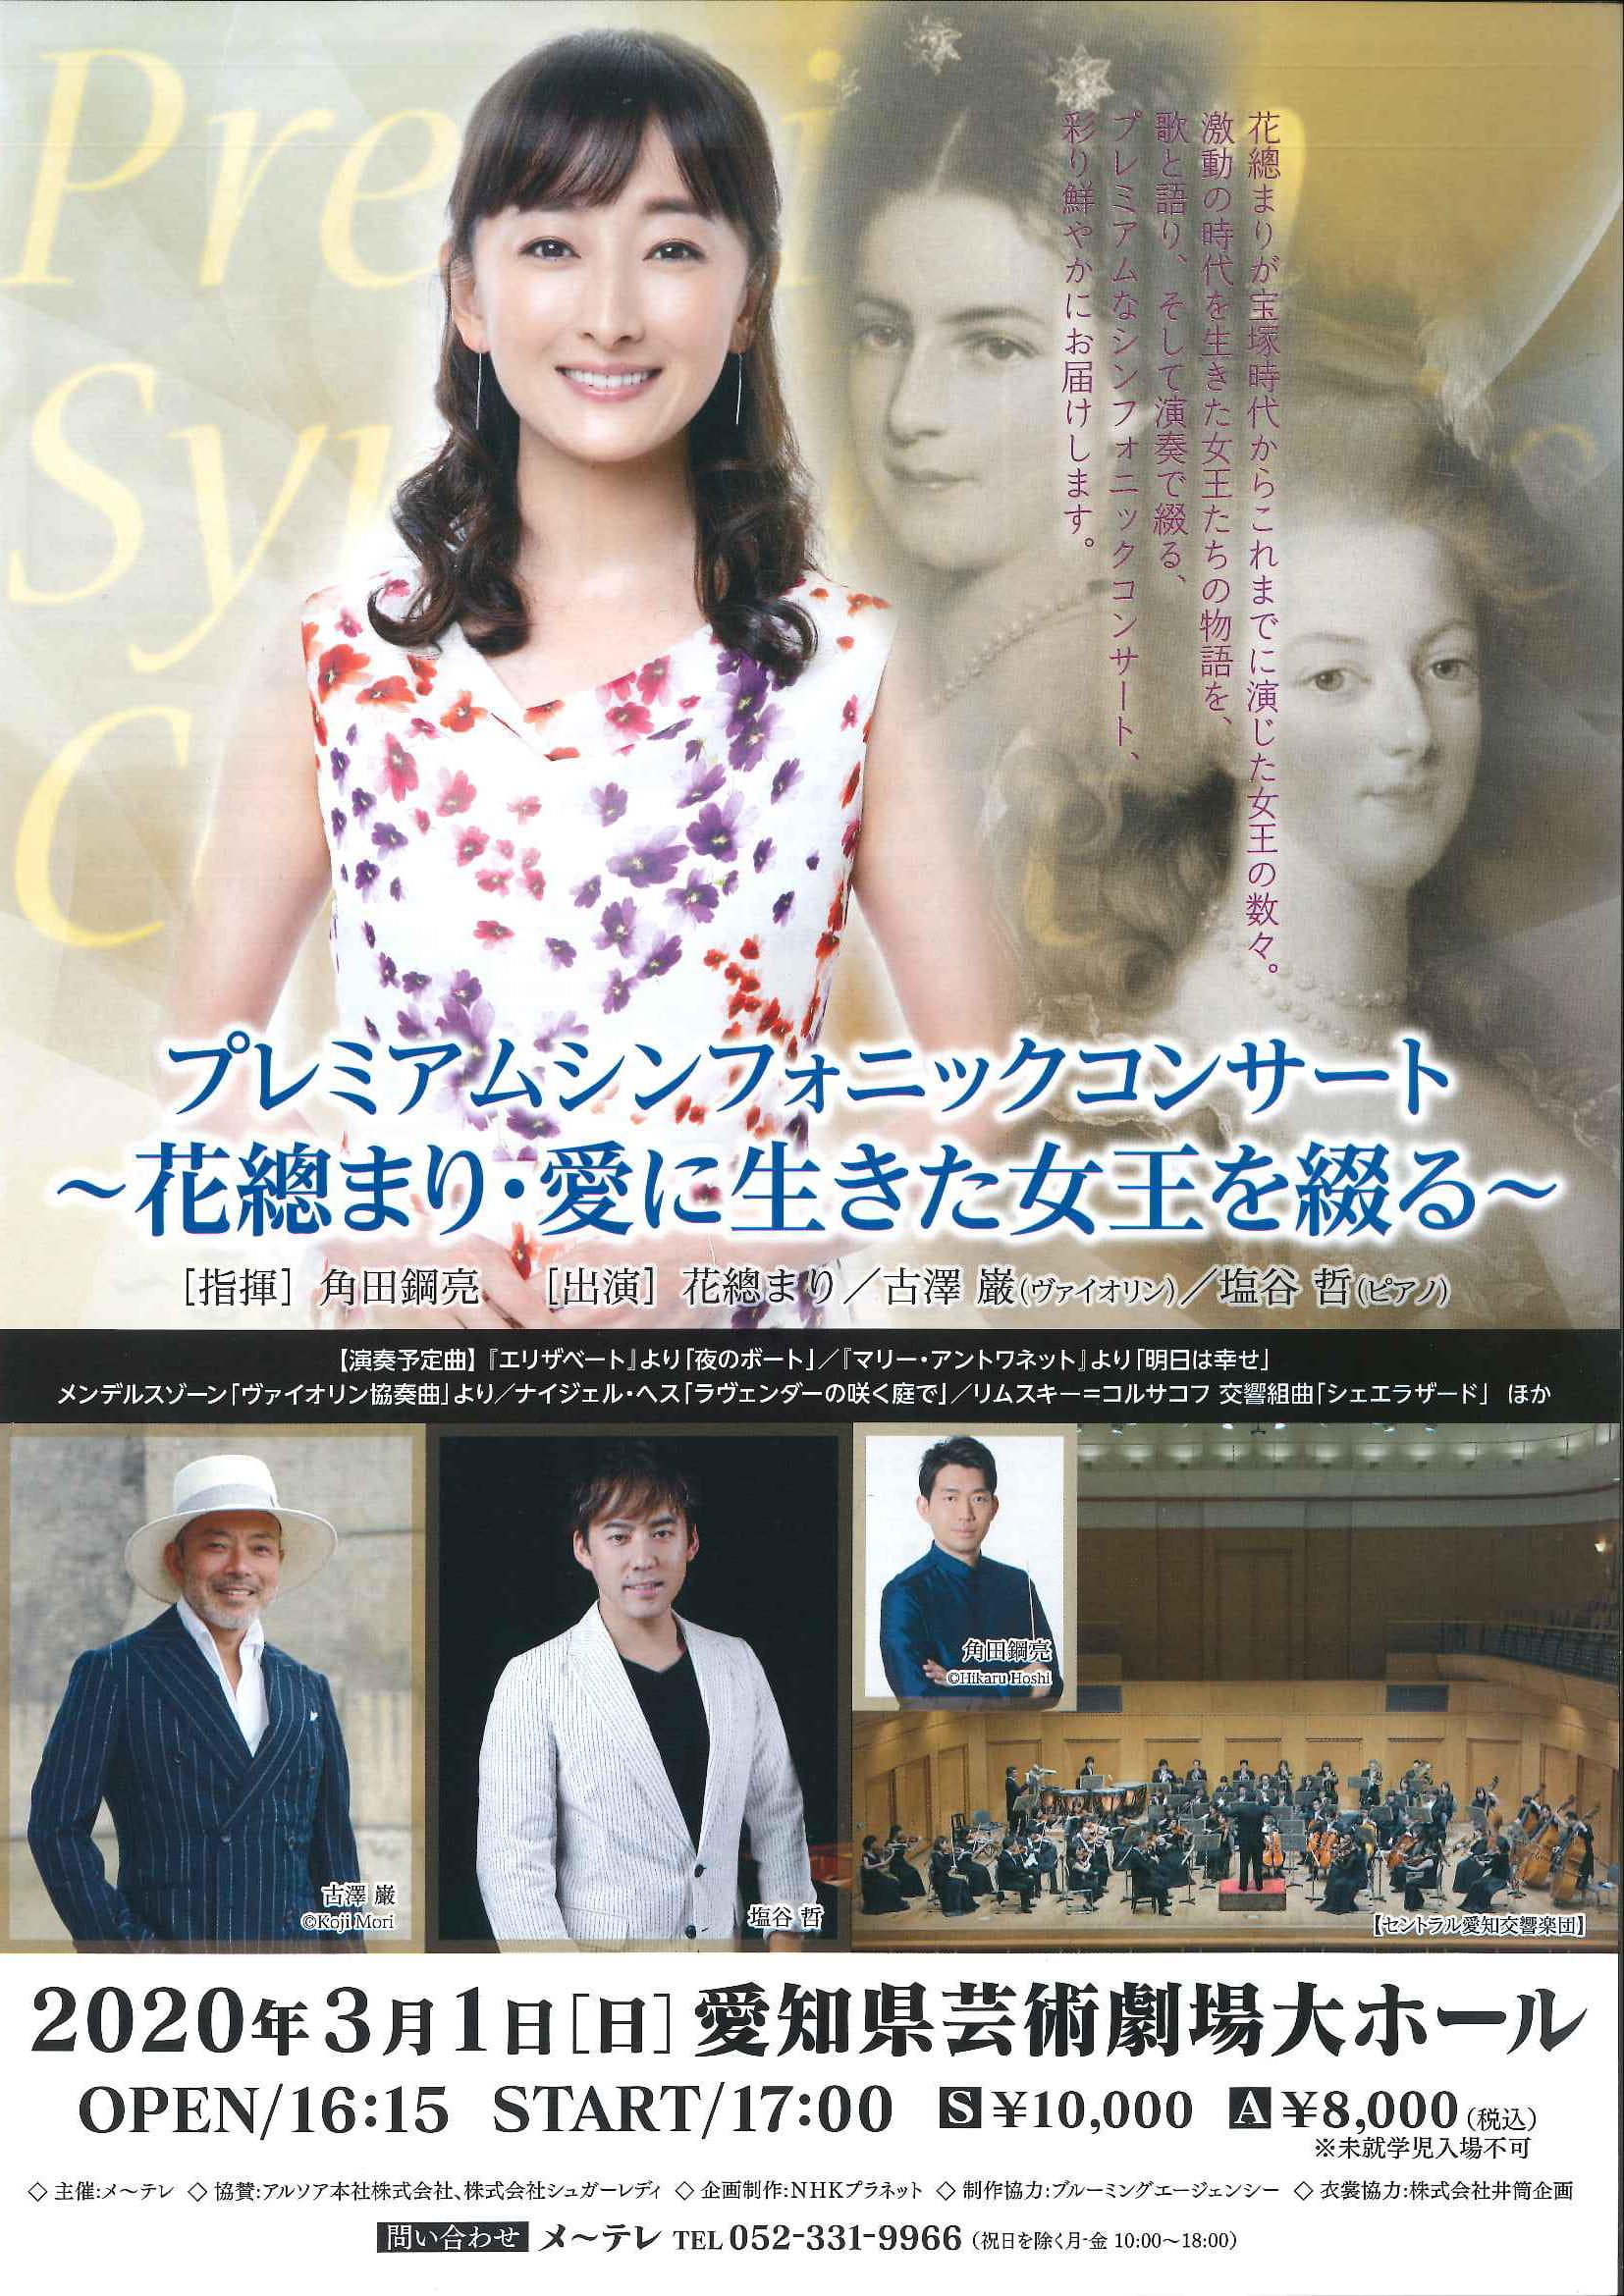 ダイドーPresents  プレミアムシンフォニックコンサート ~花總まり・愛に生きた女王を綴る~